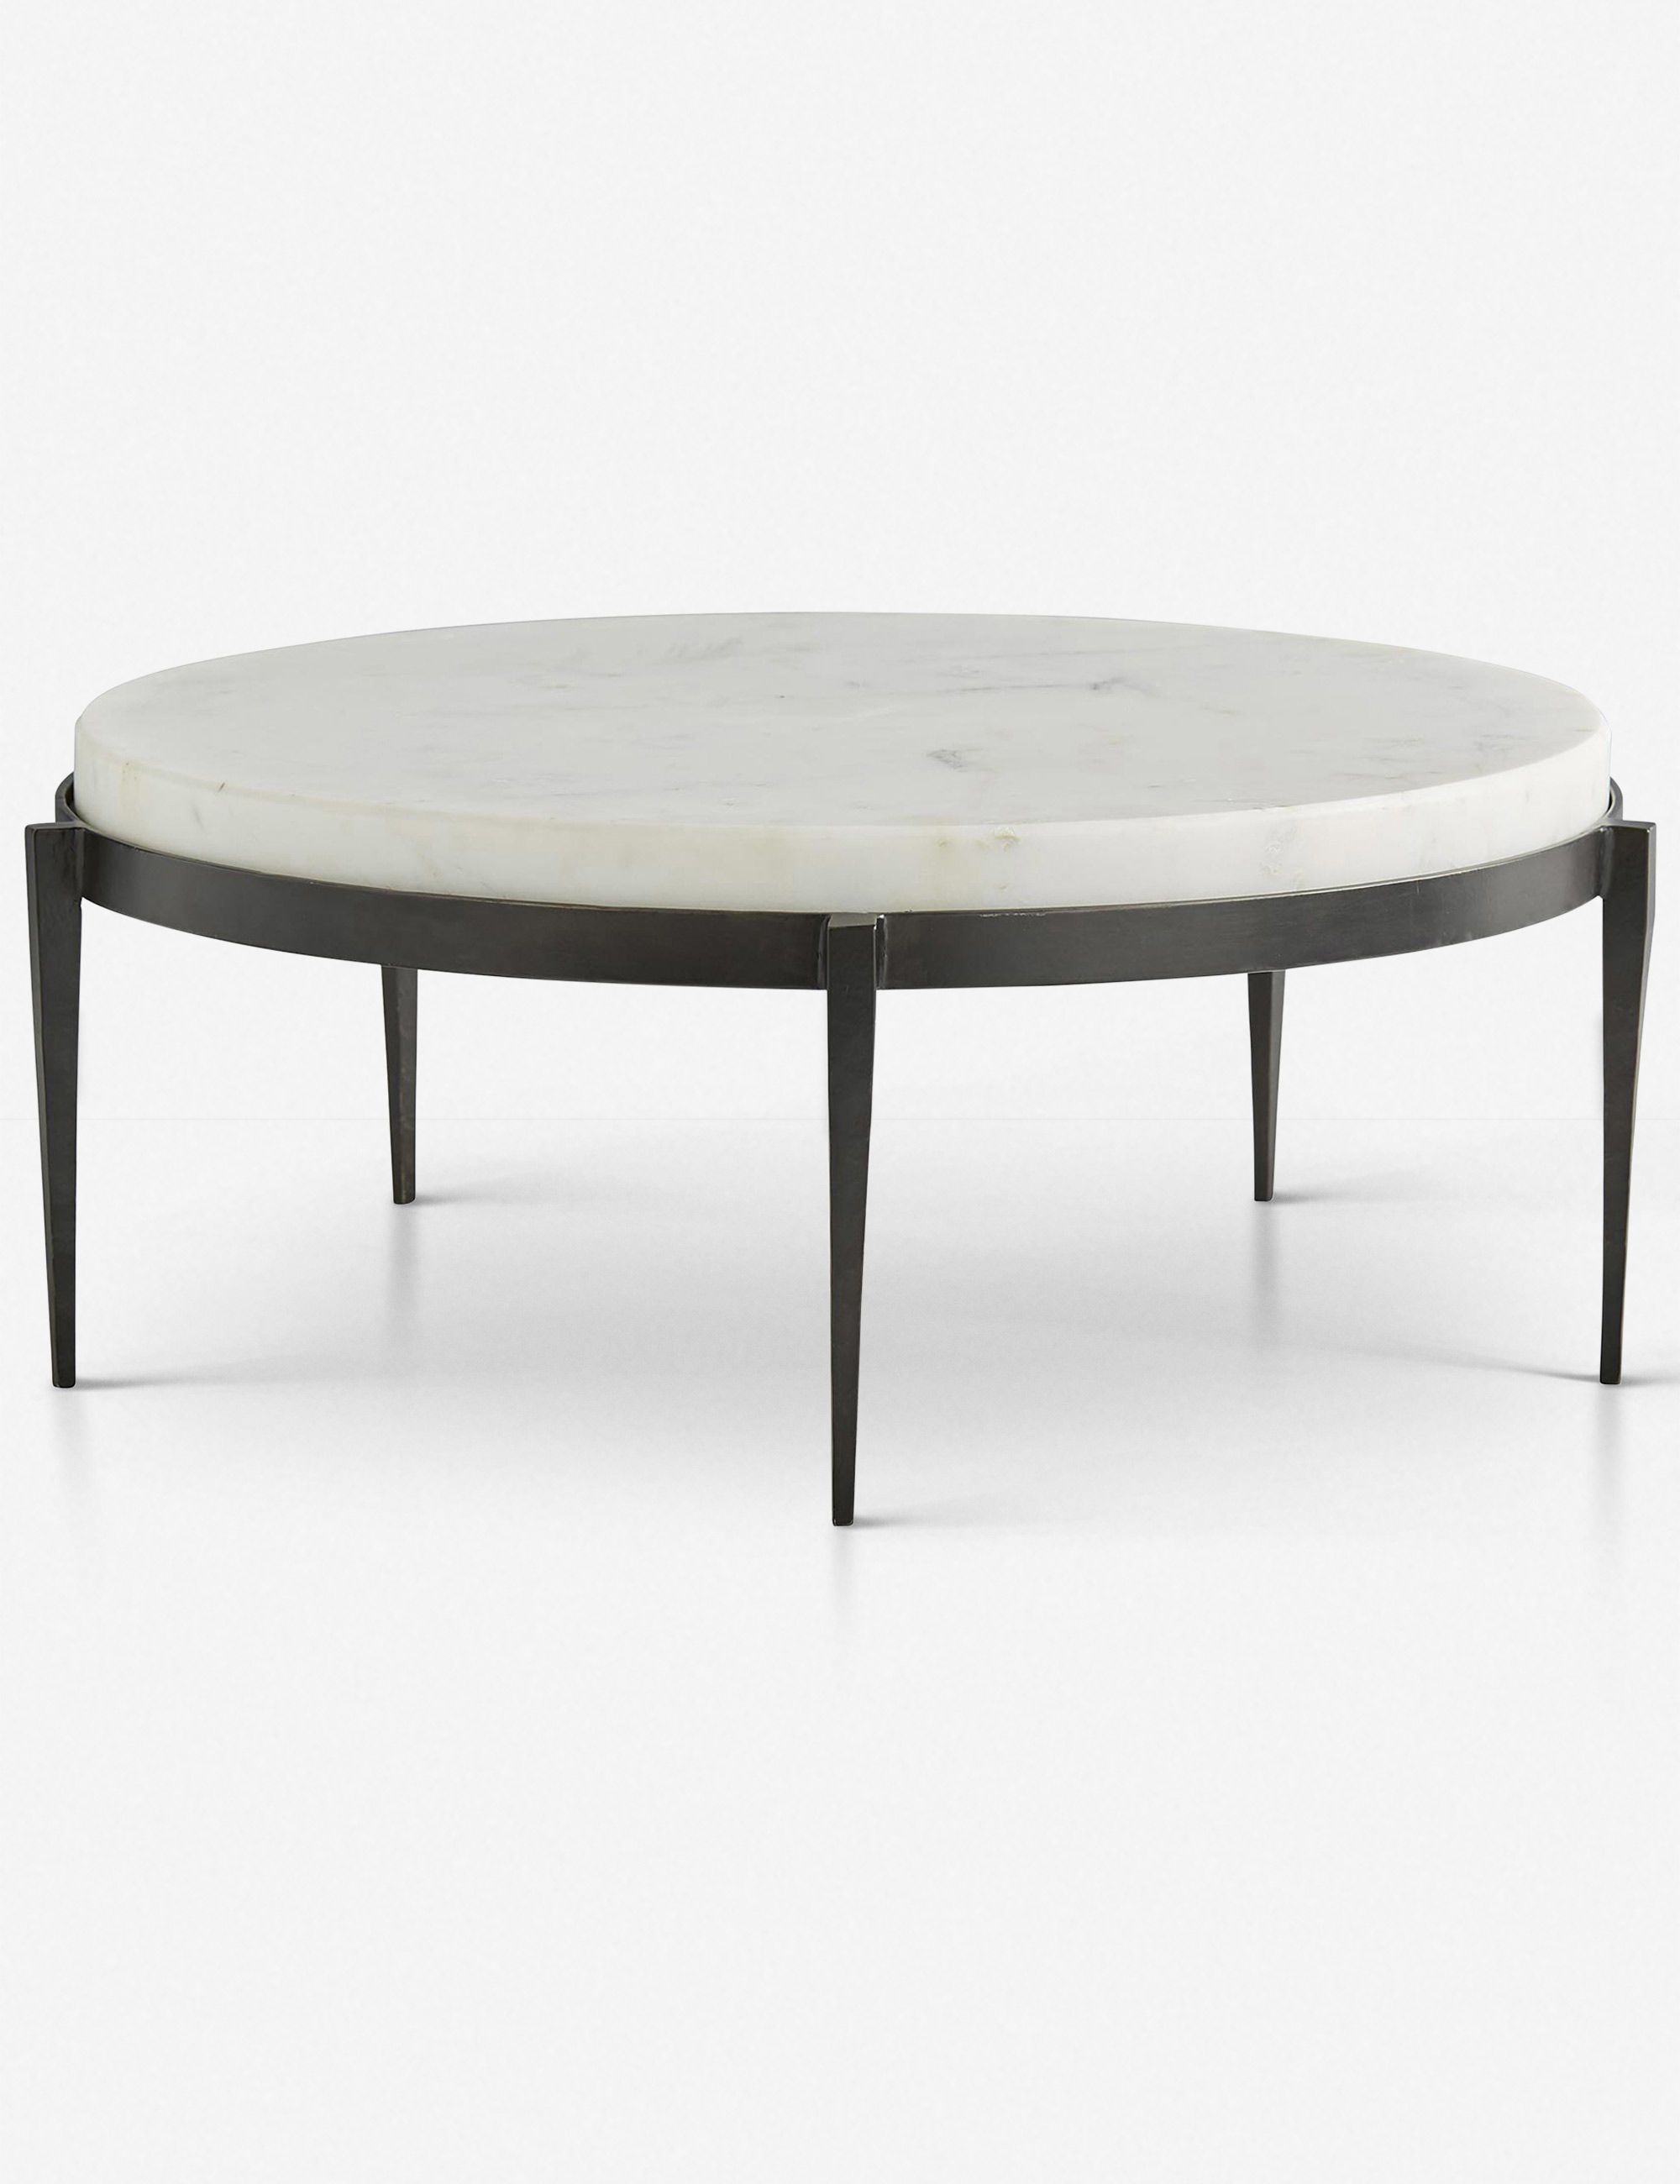 Arteriors Kelsie Round Coffee Table Coffee Table Round Coffee Table Marble Top Coffee Table [ 2600 x 2000 Pixel ]